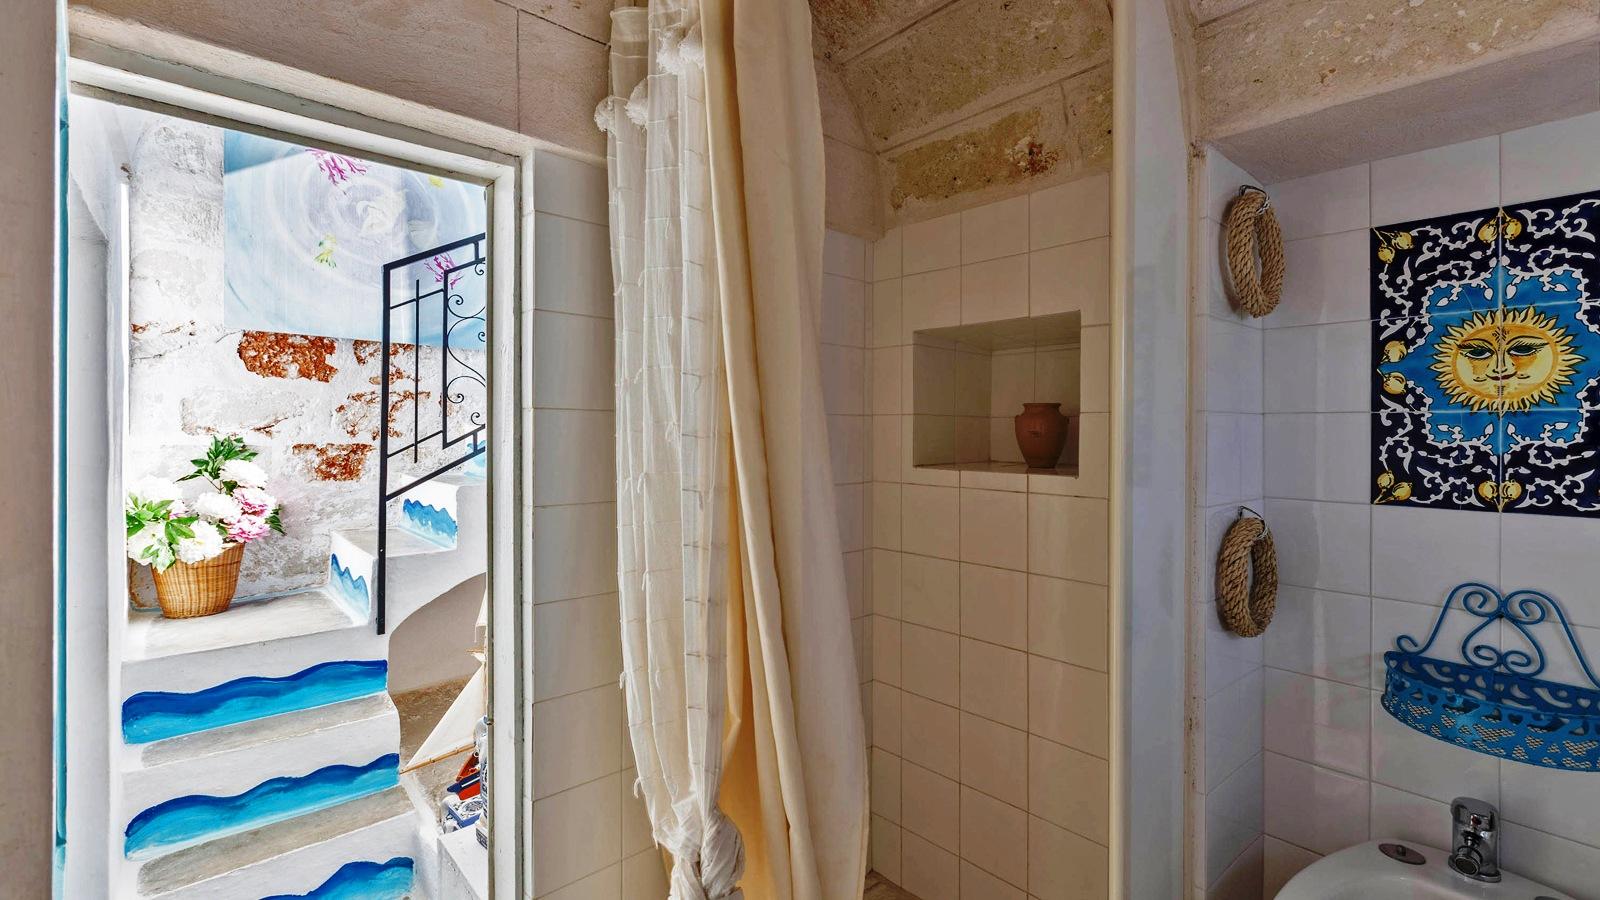 vacanze ostuni casa lorenzo doccia